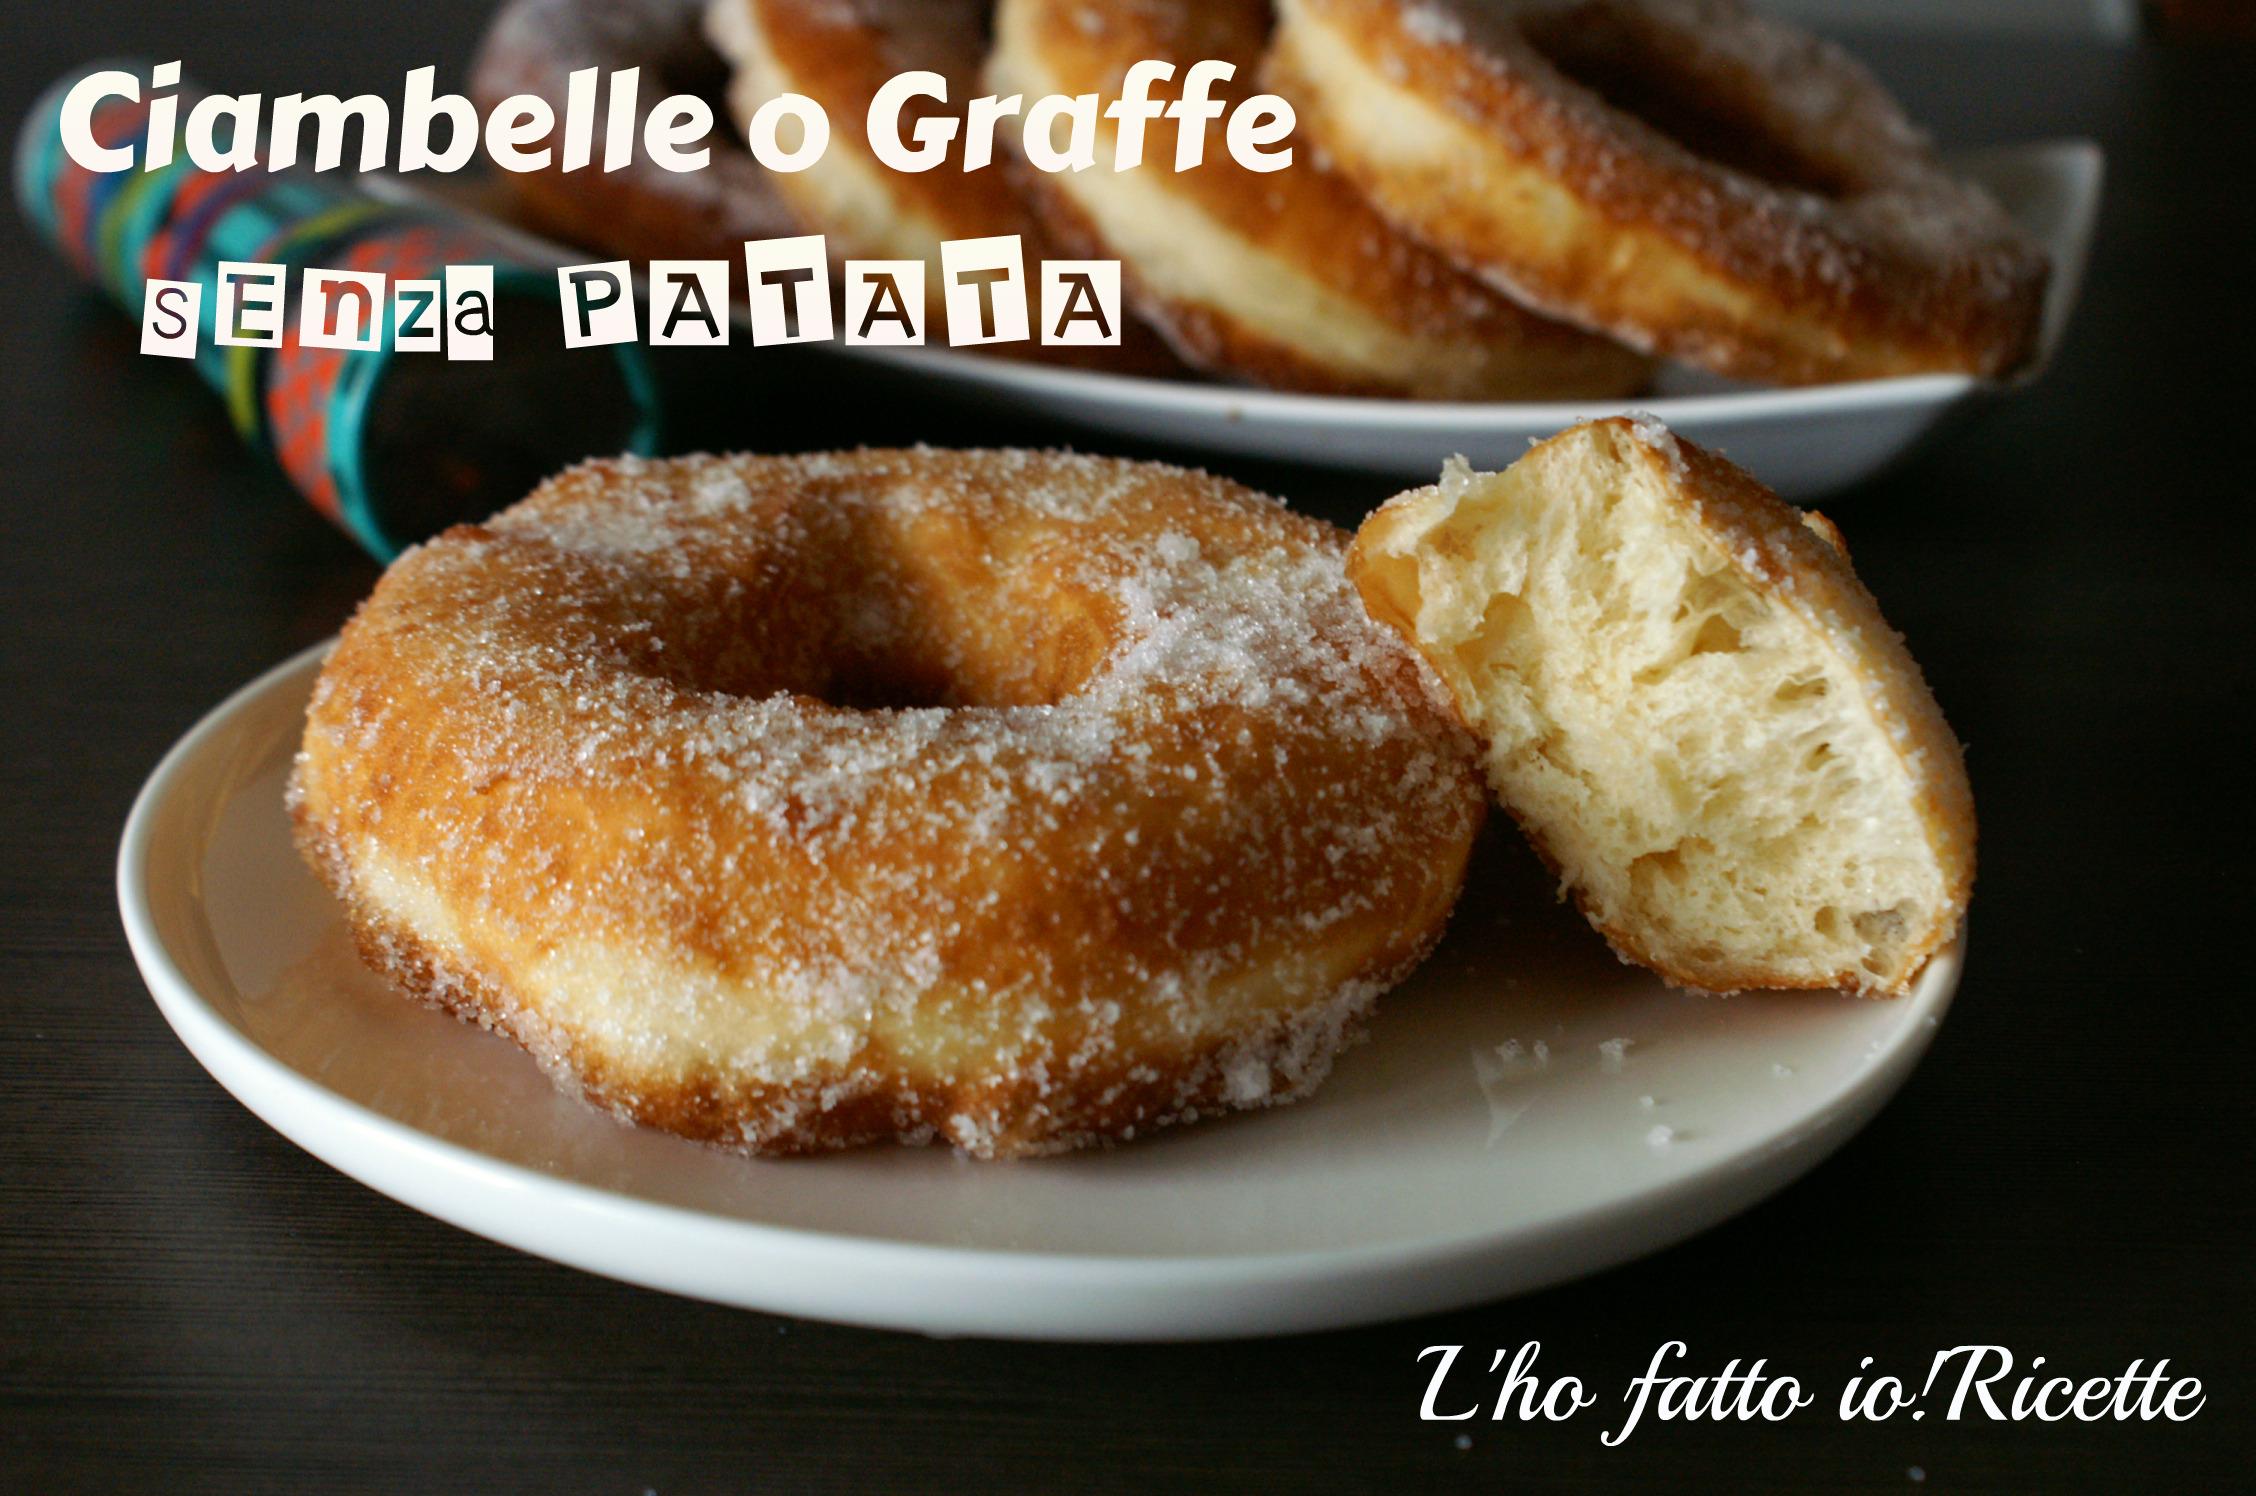 Ciambelle o Graffe senza patata